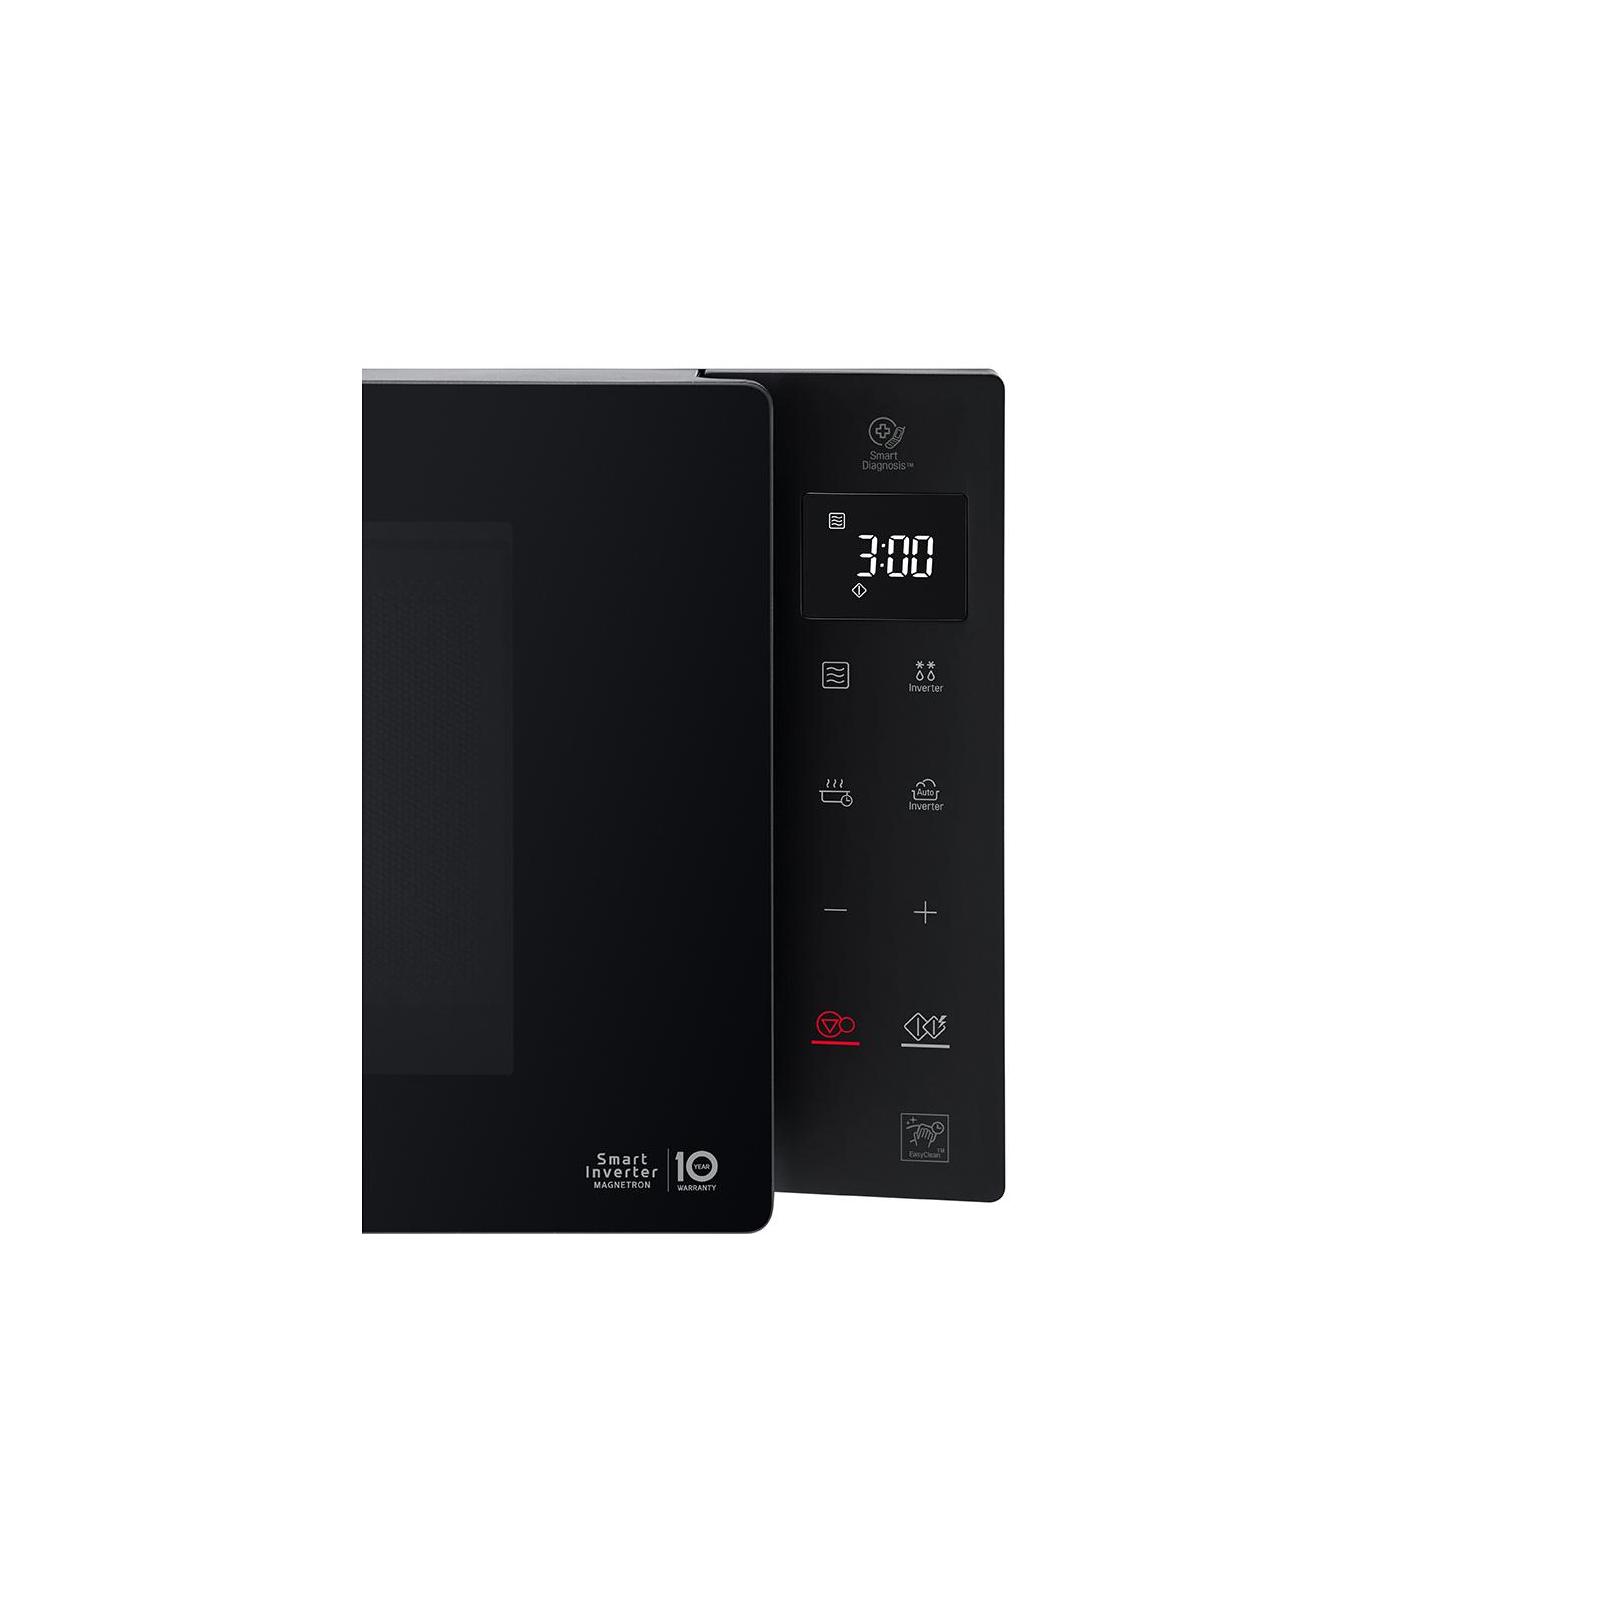 Микроволновая печь LG MS2595GIS изображение 8